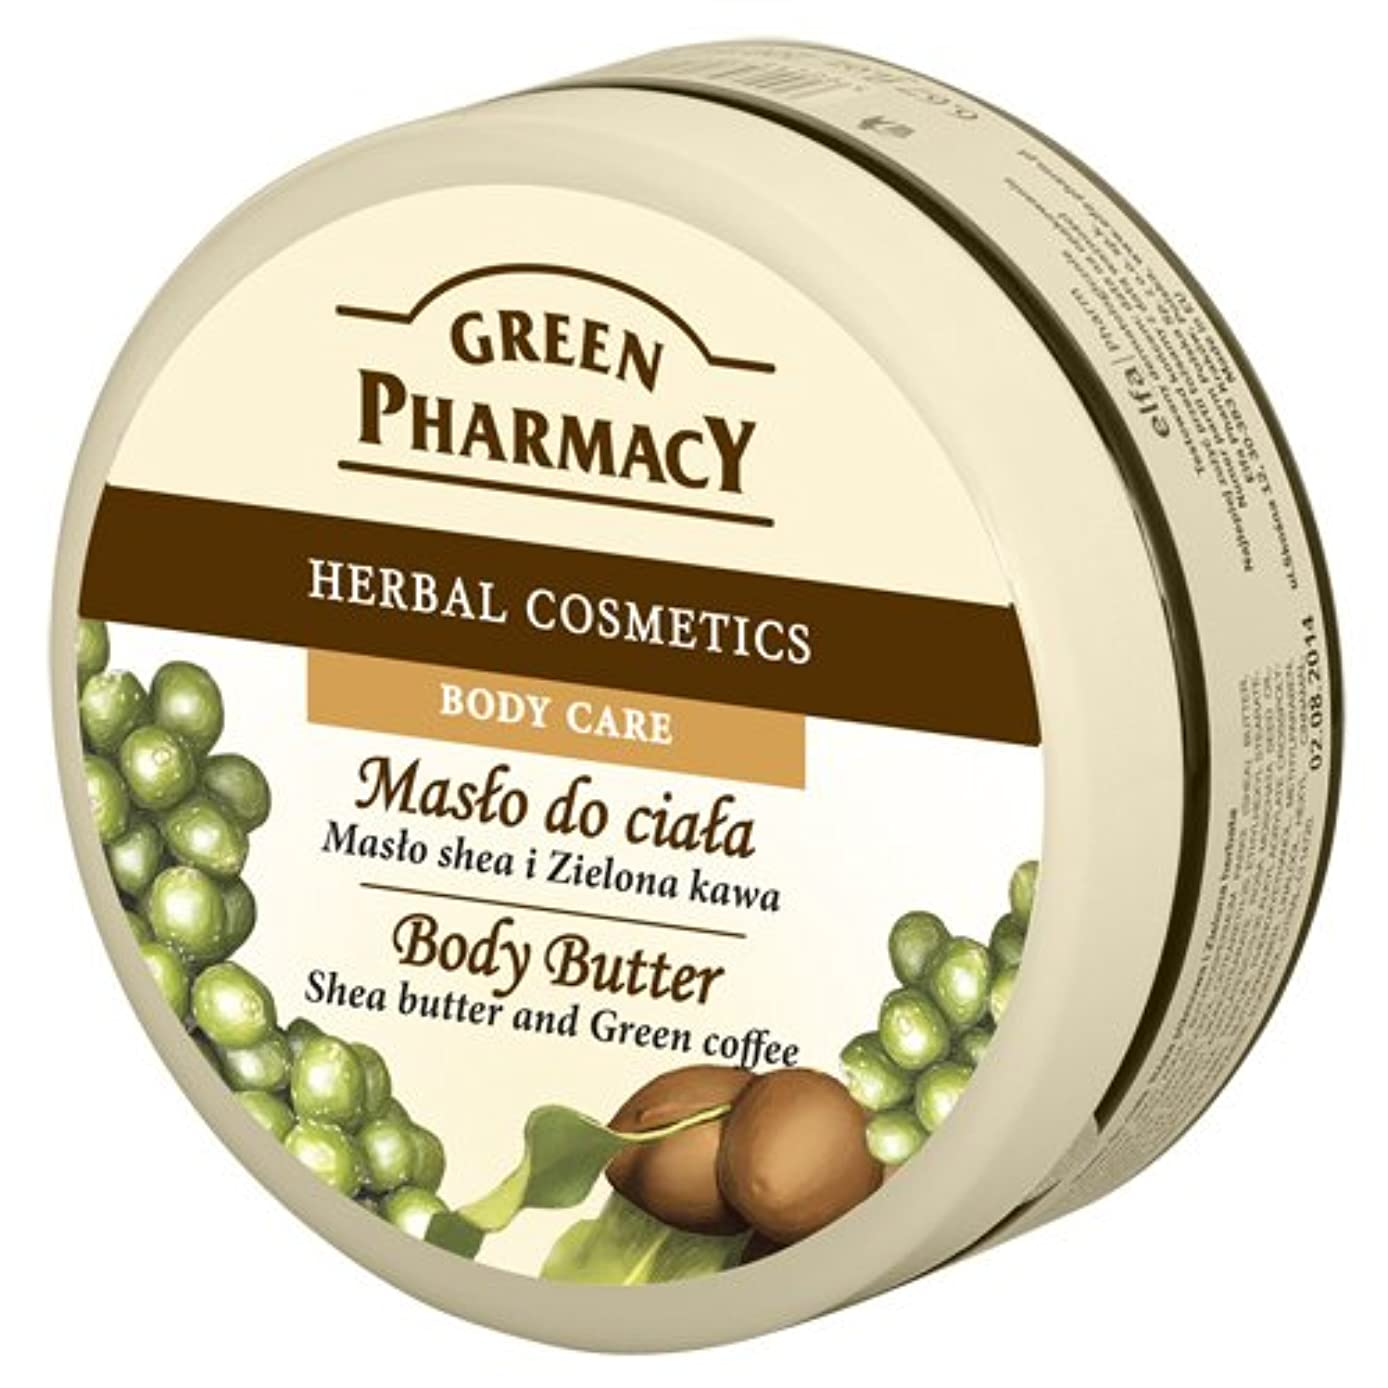 懇願する雪の不明瞭Elfa Pharm Green Pharmacy グリーンファーマシー Body Butter ボディバター Shea Butter and Green Coffee